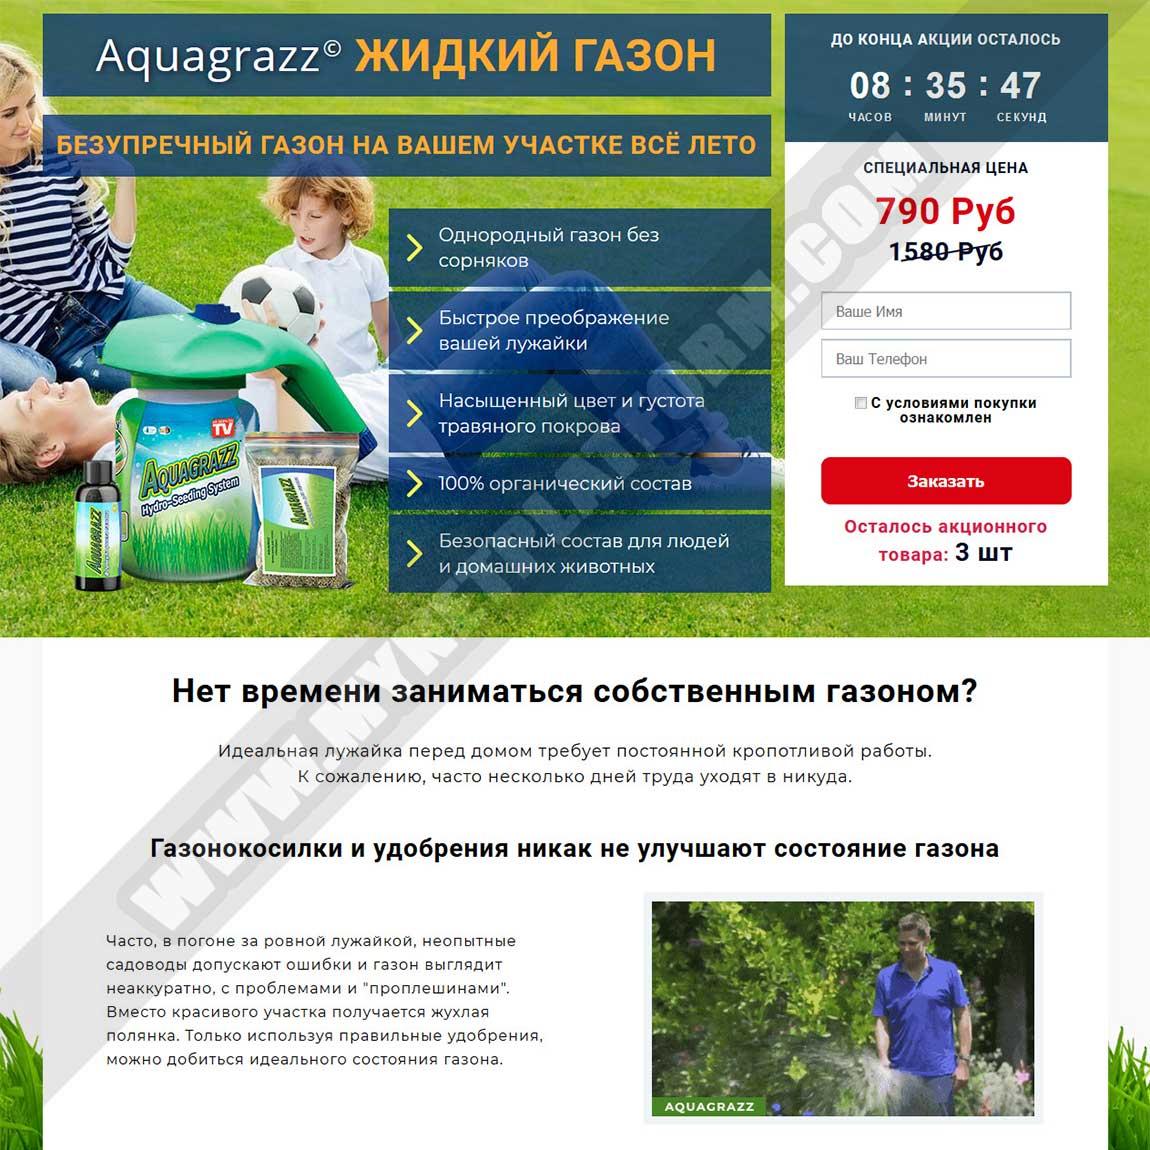 Миниатюра Готового лендинга Aquagrazz - жидкий газон 002